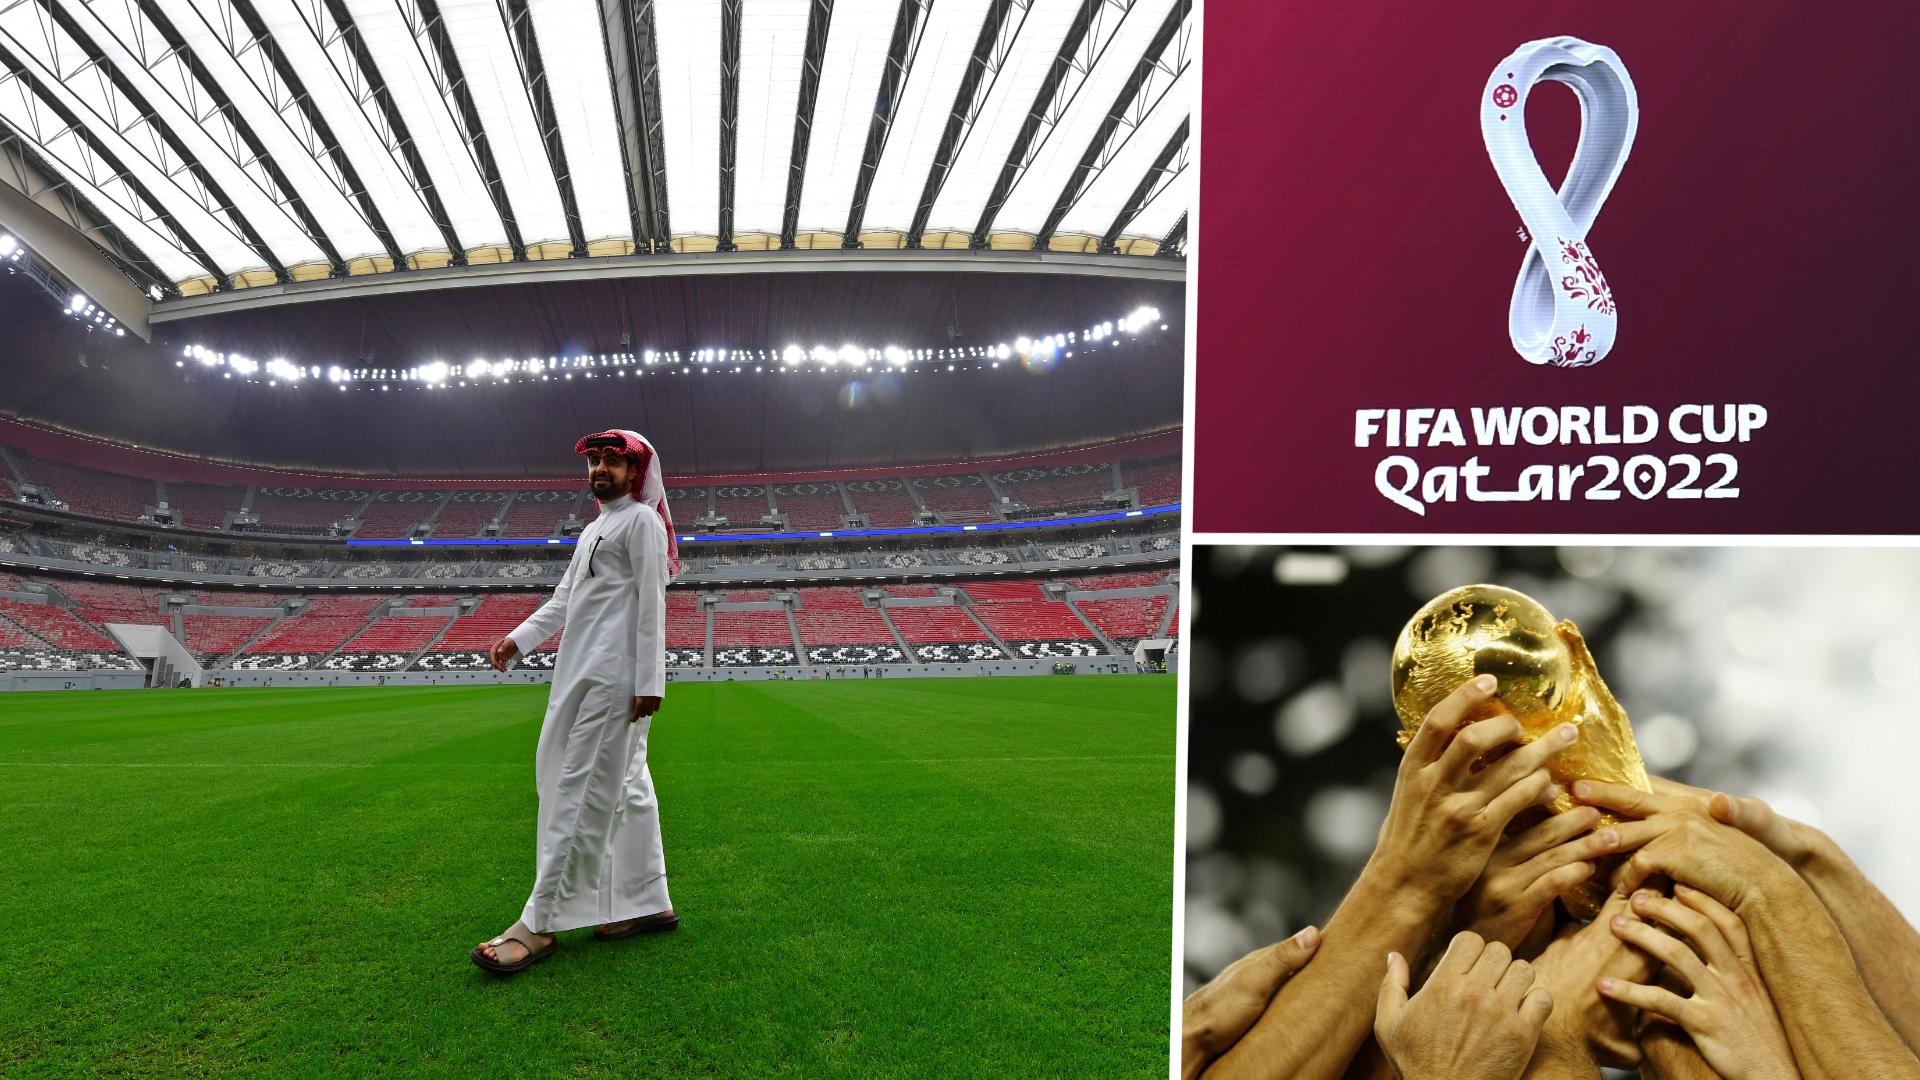 NNN: Los partidos de clasificación para la Copa Mundial de la FIFA Catar 2022 y la Copa Asiática de la AFC China 2023 se pospusieron hasta 2021 debido al brote de COVID-19, dijo el miércoles la Confederación Asiática de Fútbol (AFC). `La decisión fue tomada conjuntamente por la FIFA y la AFC a la luz […]